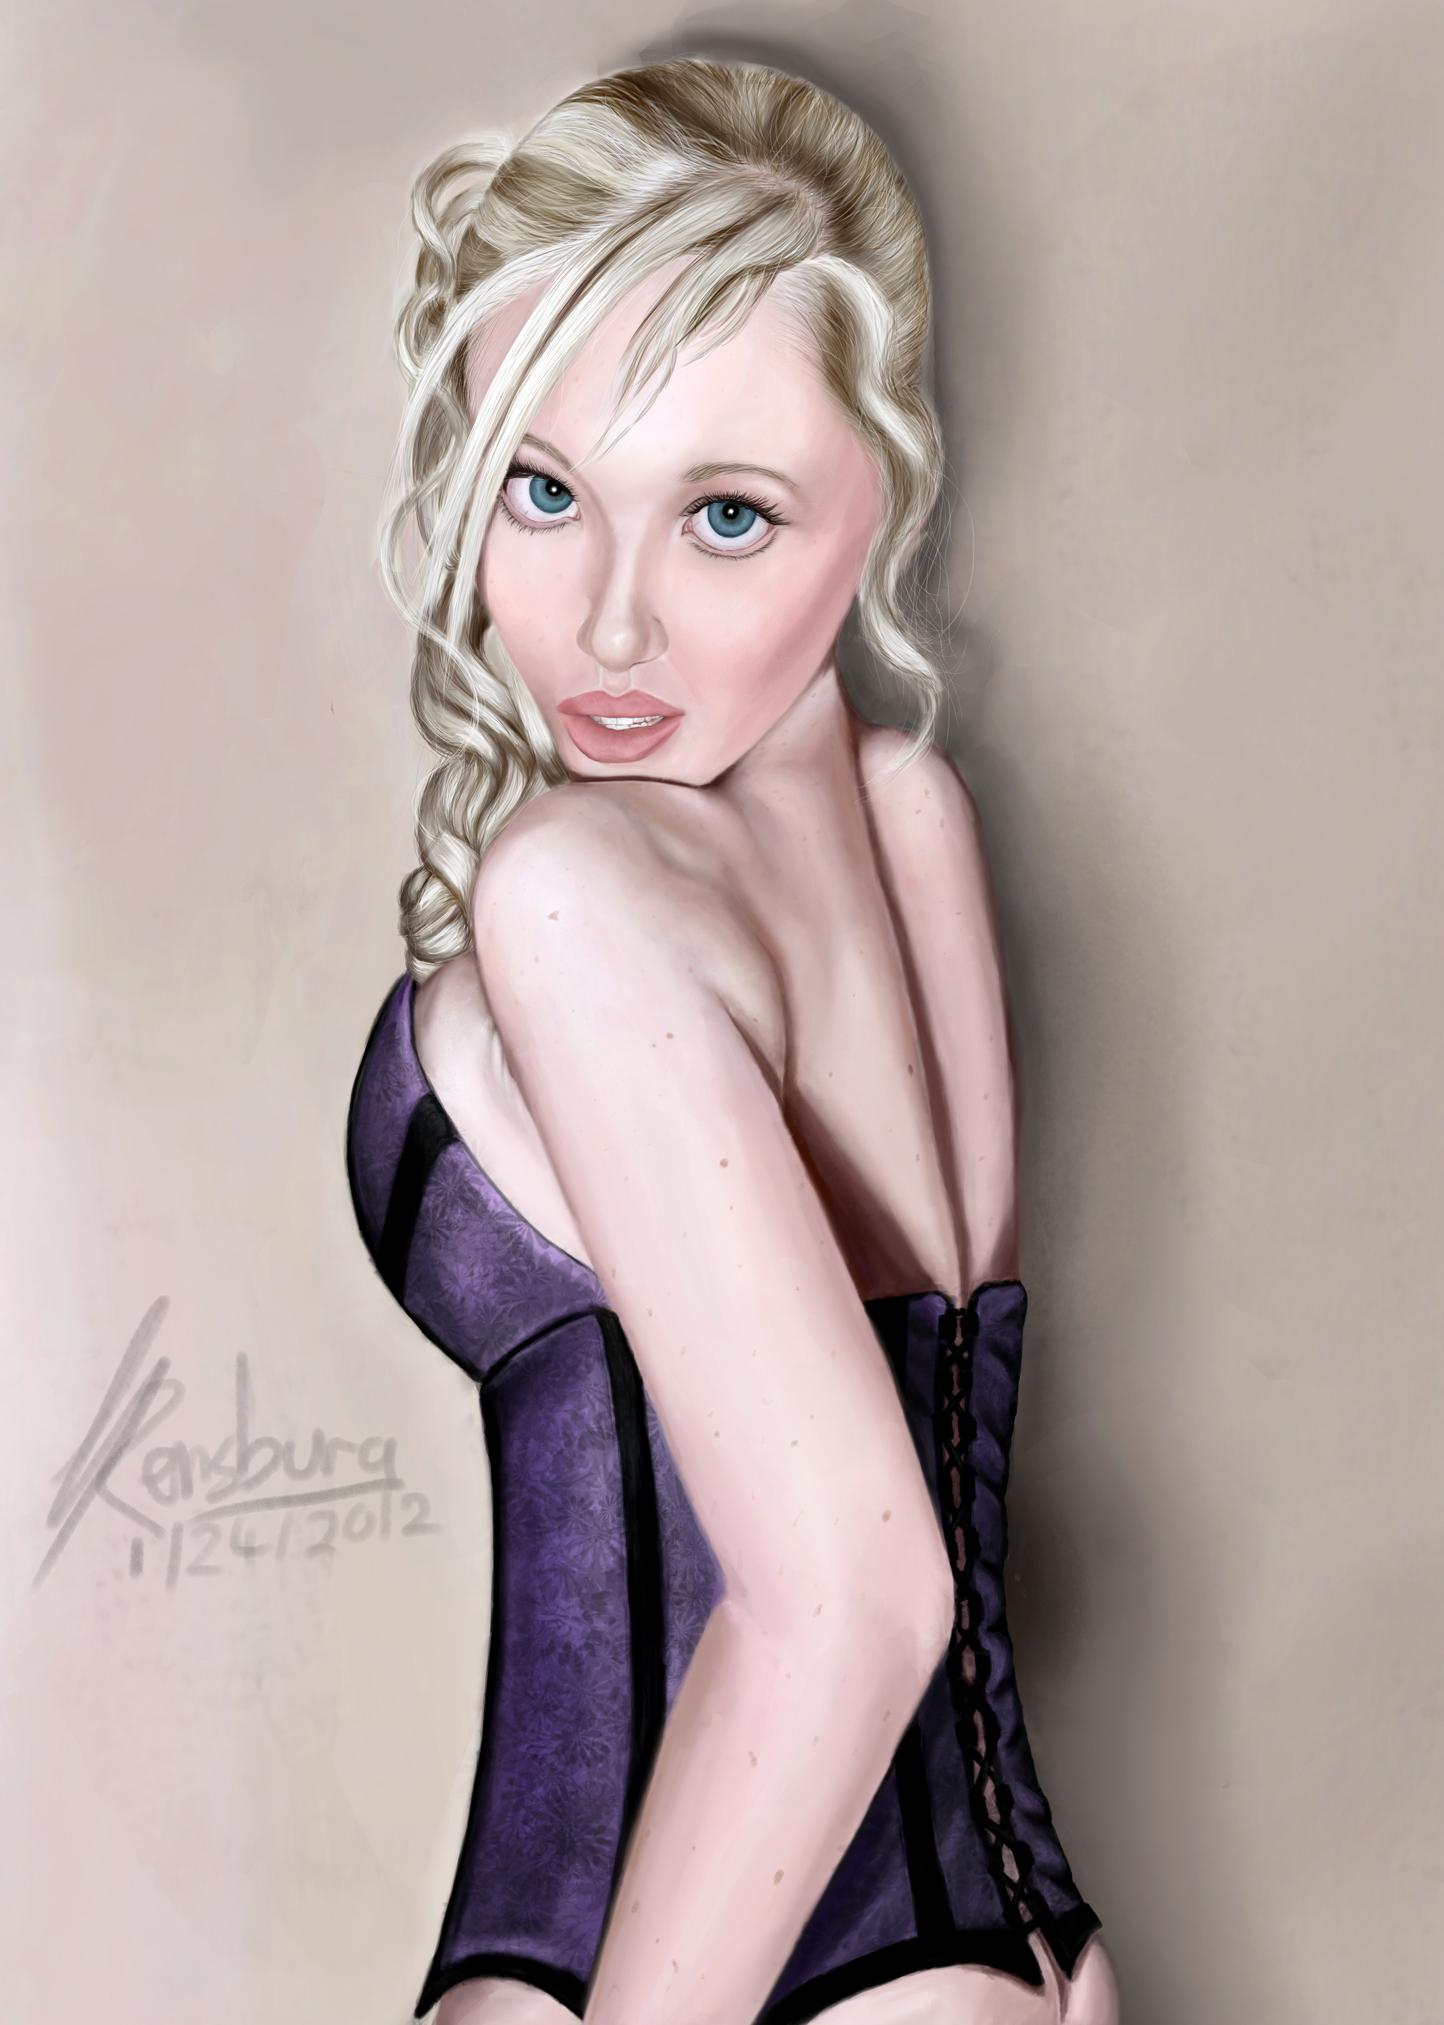 Kinky corset